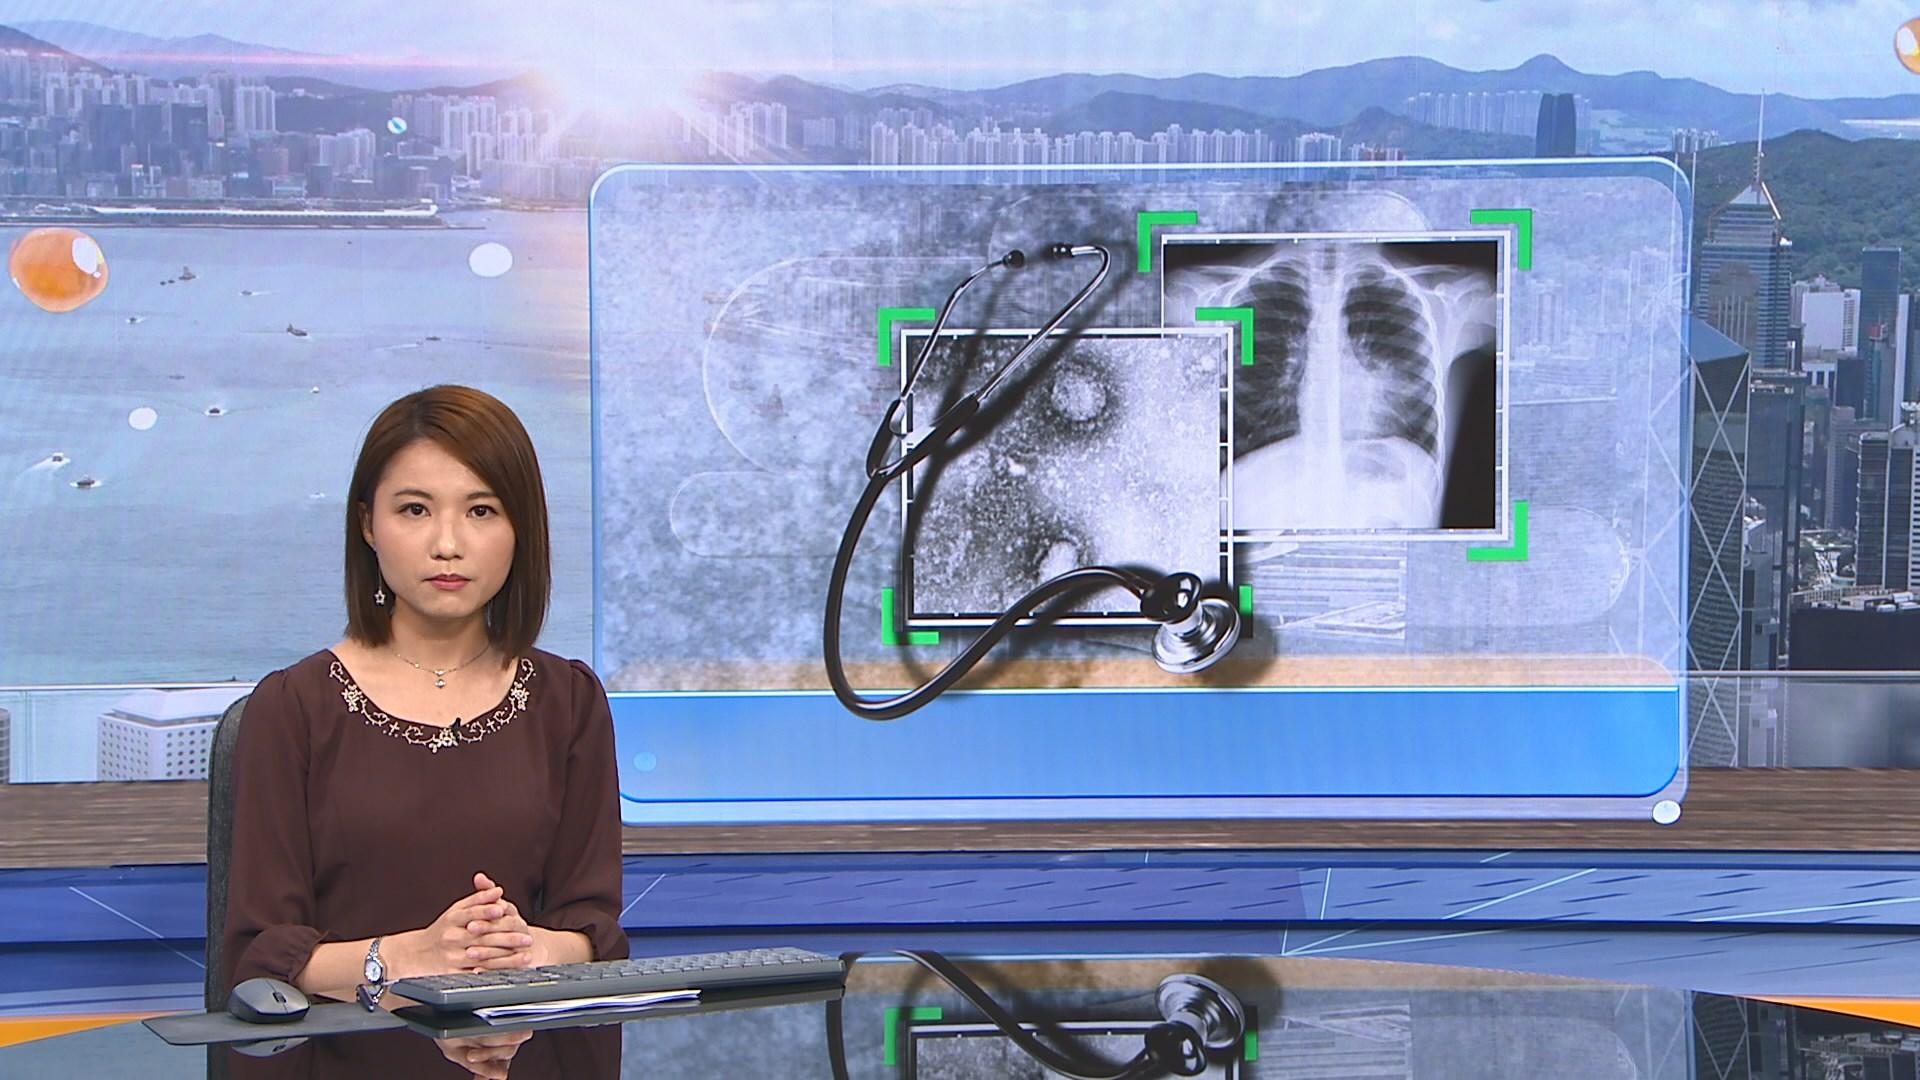 【新型肺炎】蒙古宣布即日起關閉連接中國邊境通道